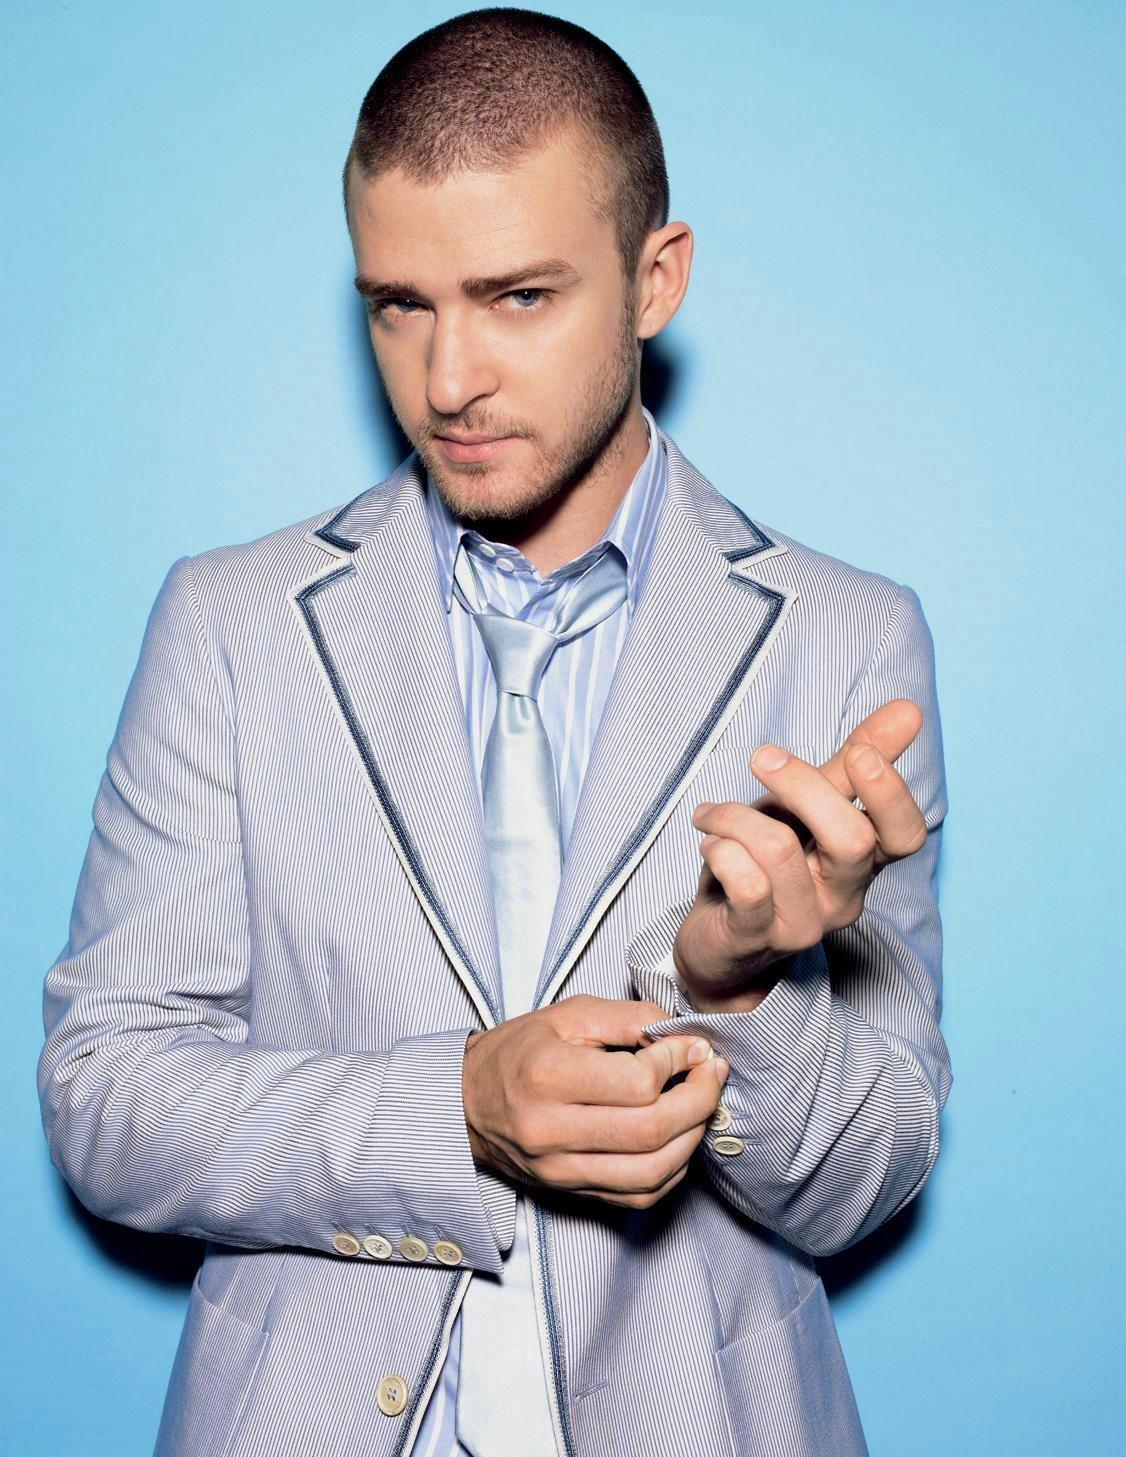 http://2.bp.blogspot.com/-xQpURC8MvBk/Tr-n35luXnI/AAAAAAAAALk/VuolqPq59tg/s1600/Justin+Timberlake-0038.jpg